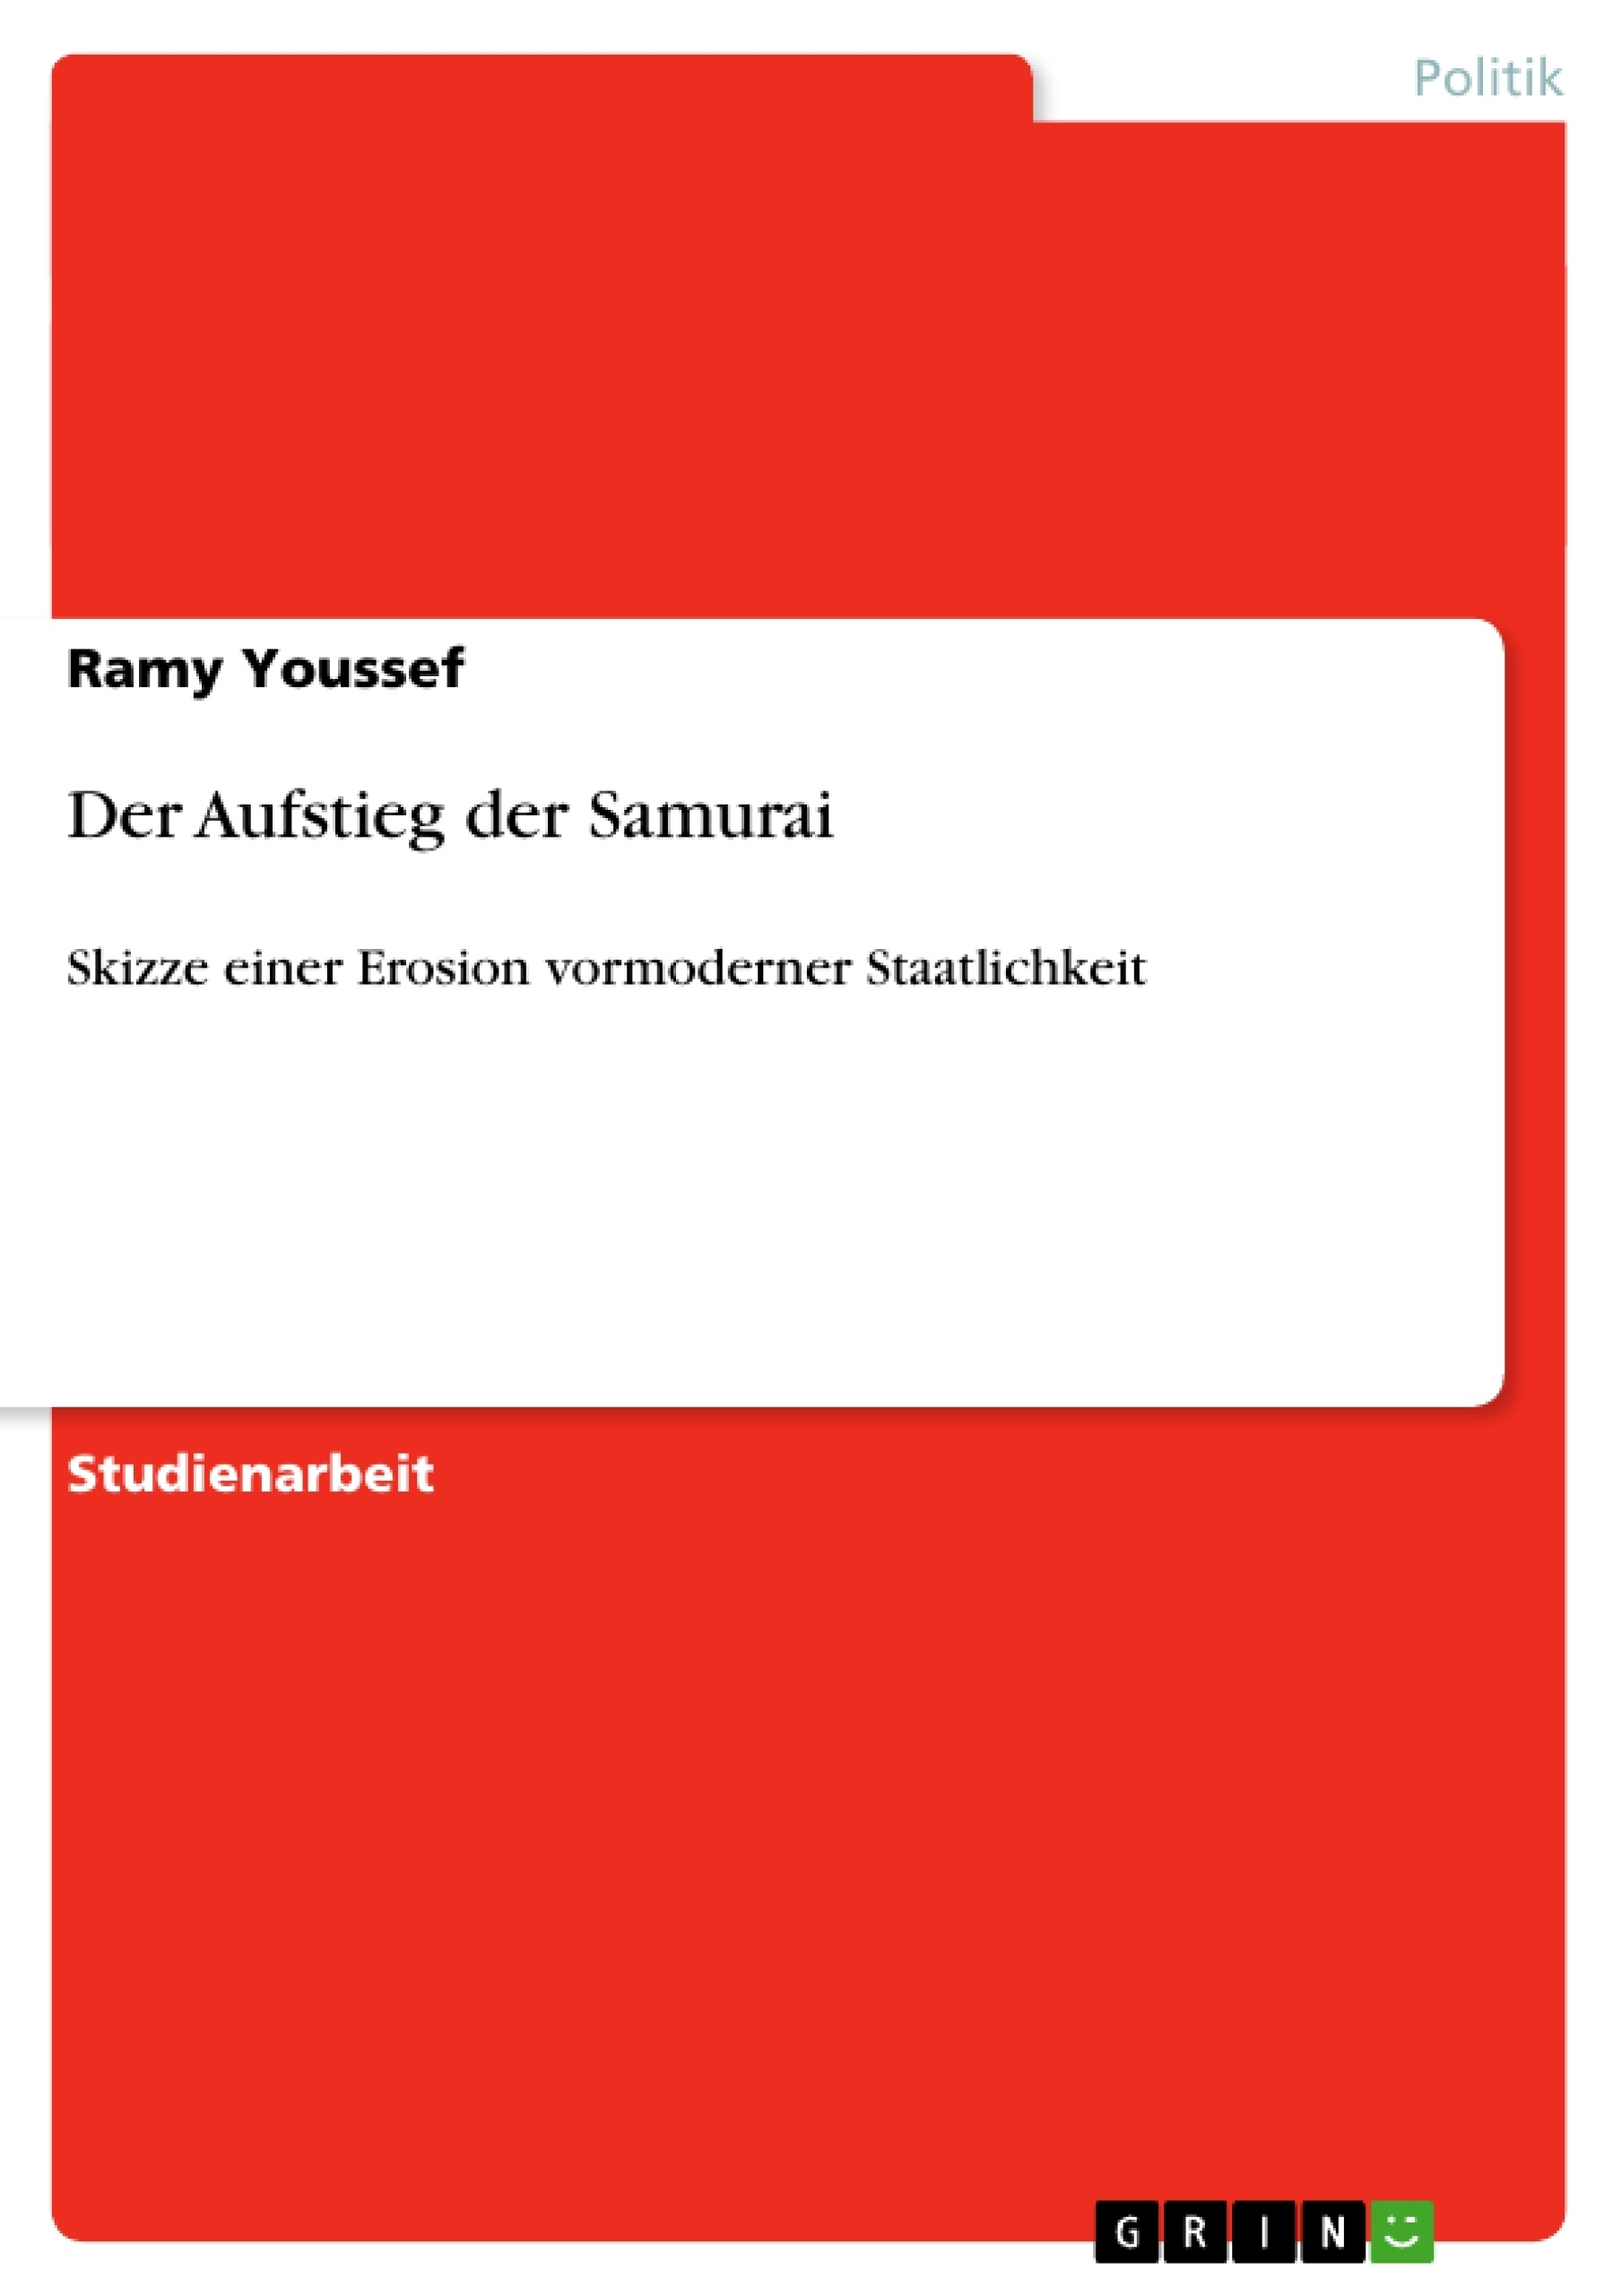 Titel: Der Aufstieg der Samurai